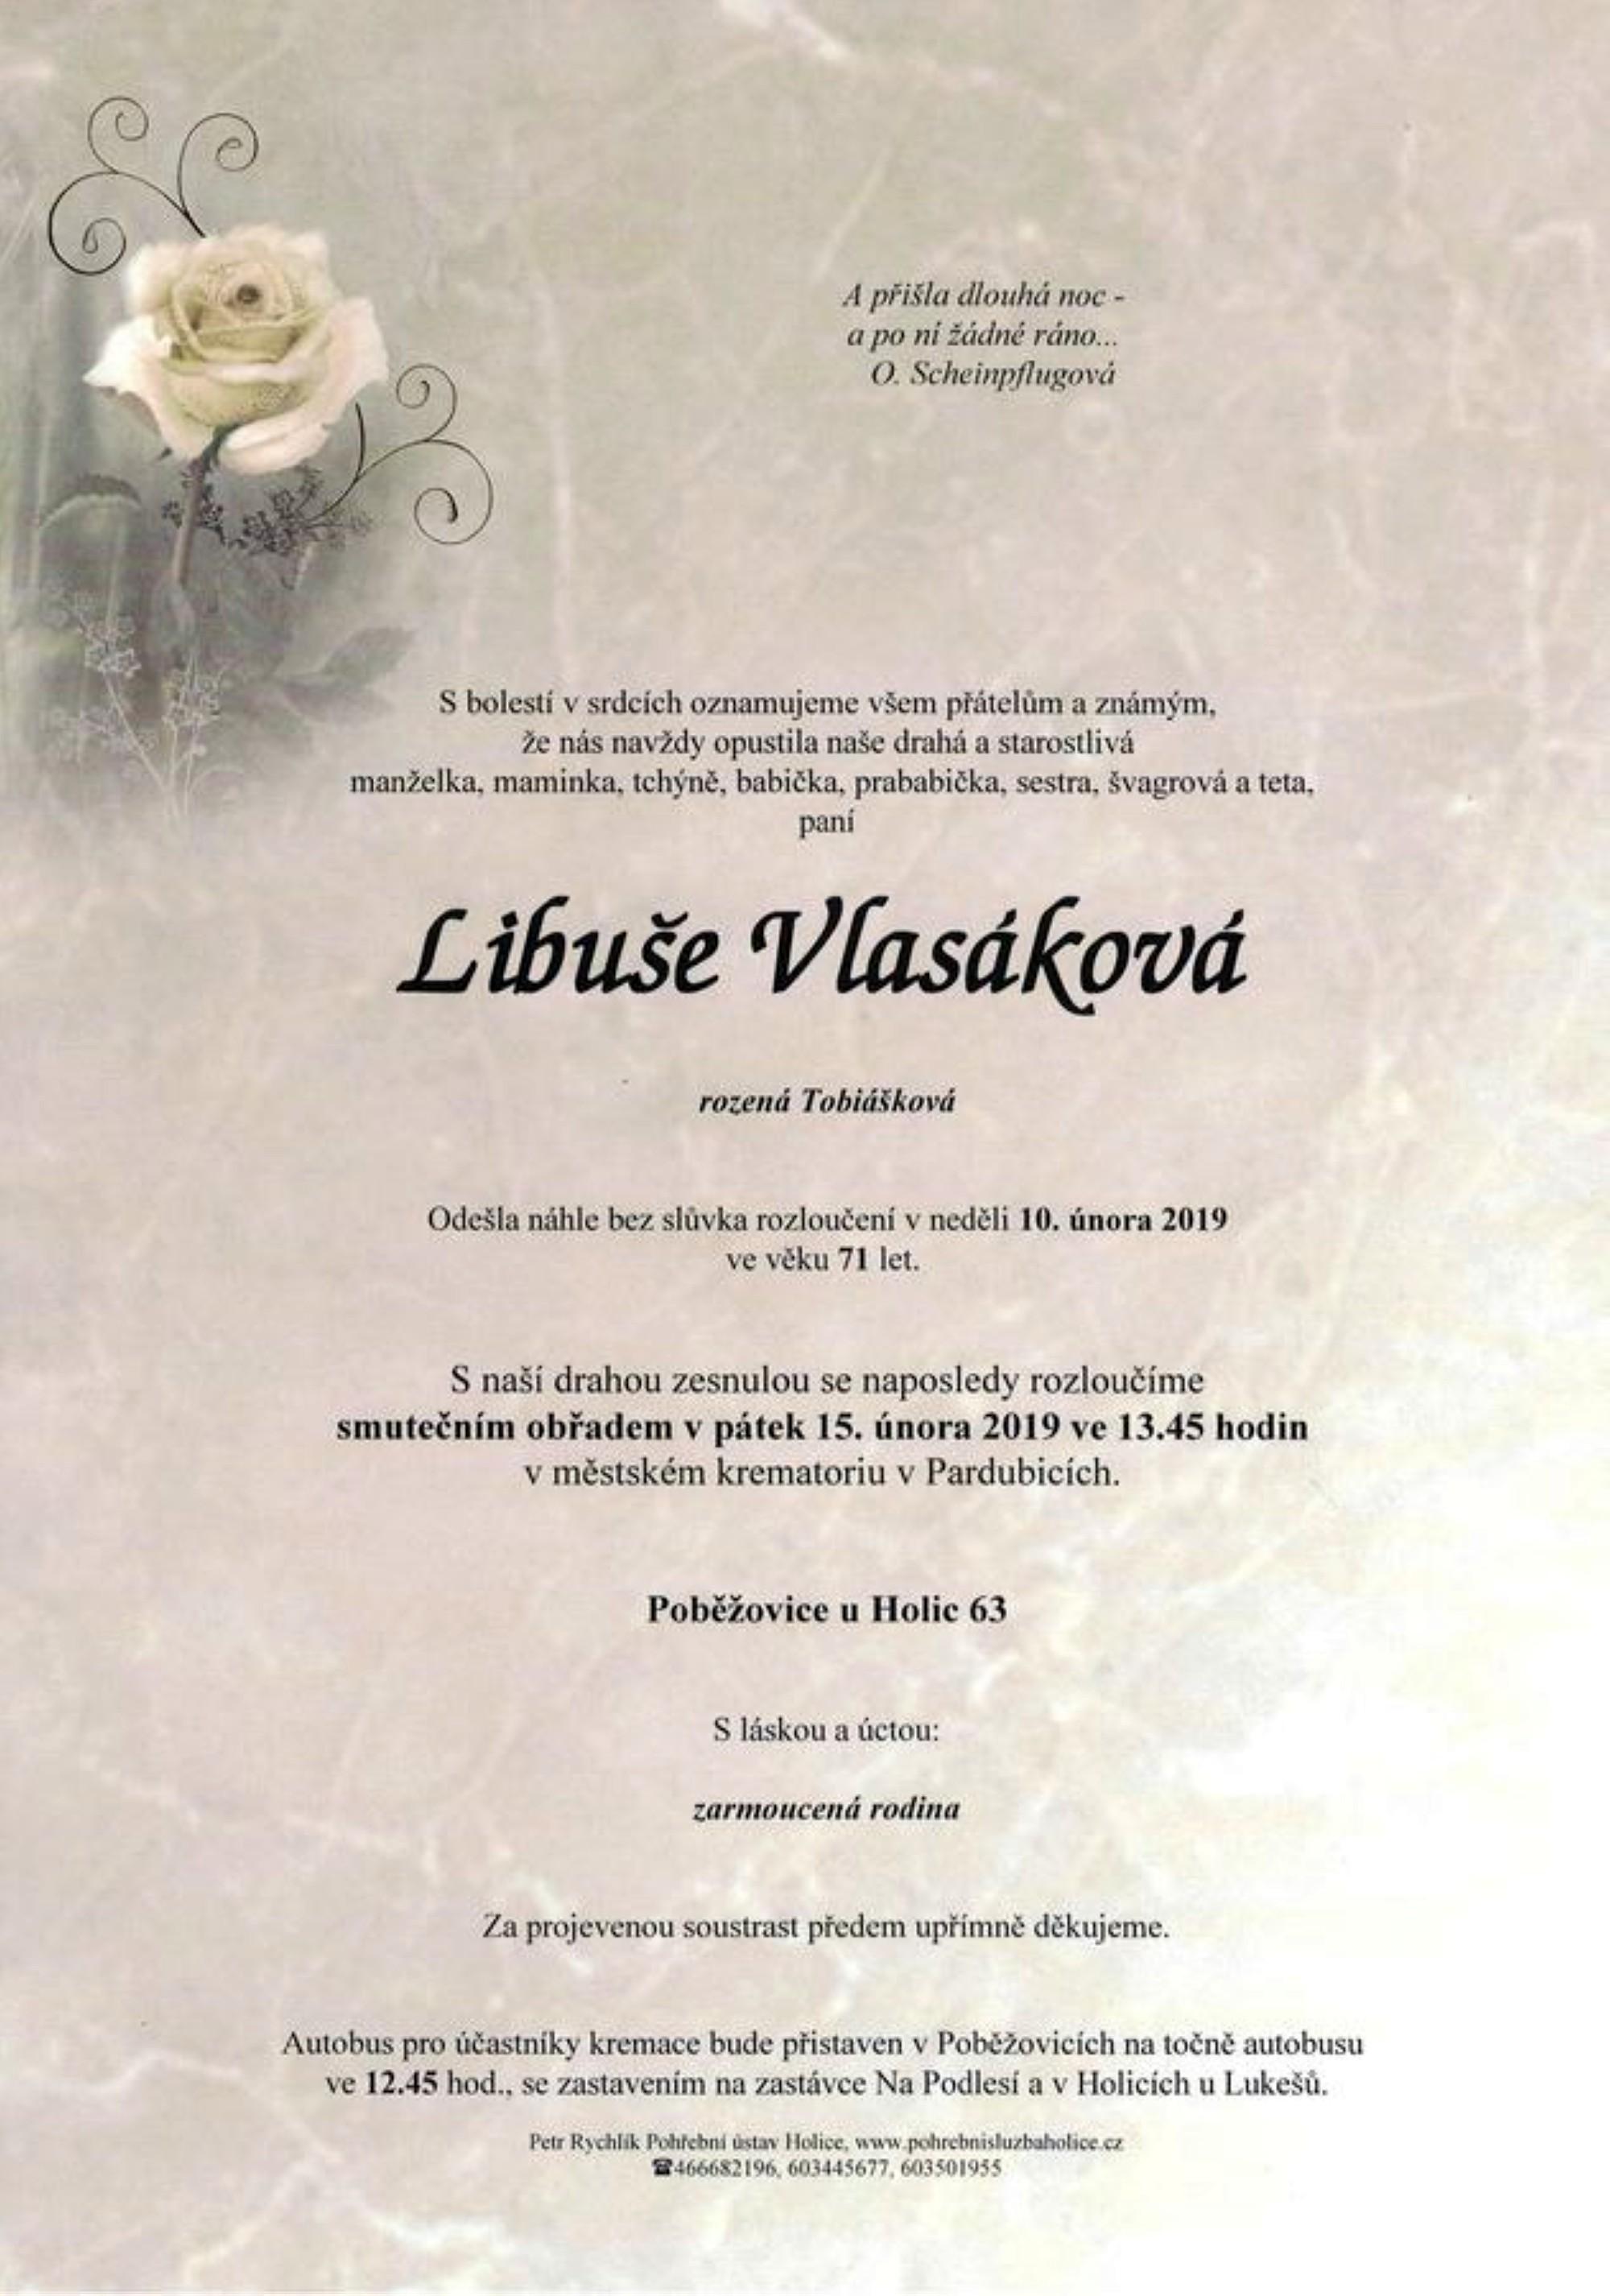 Libuše Vlasáková